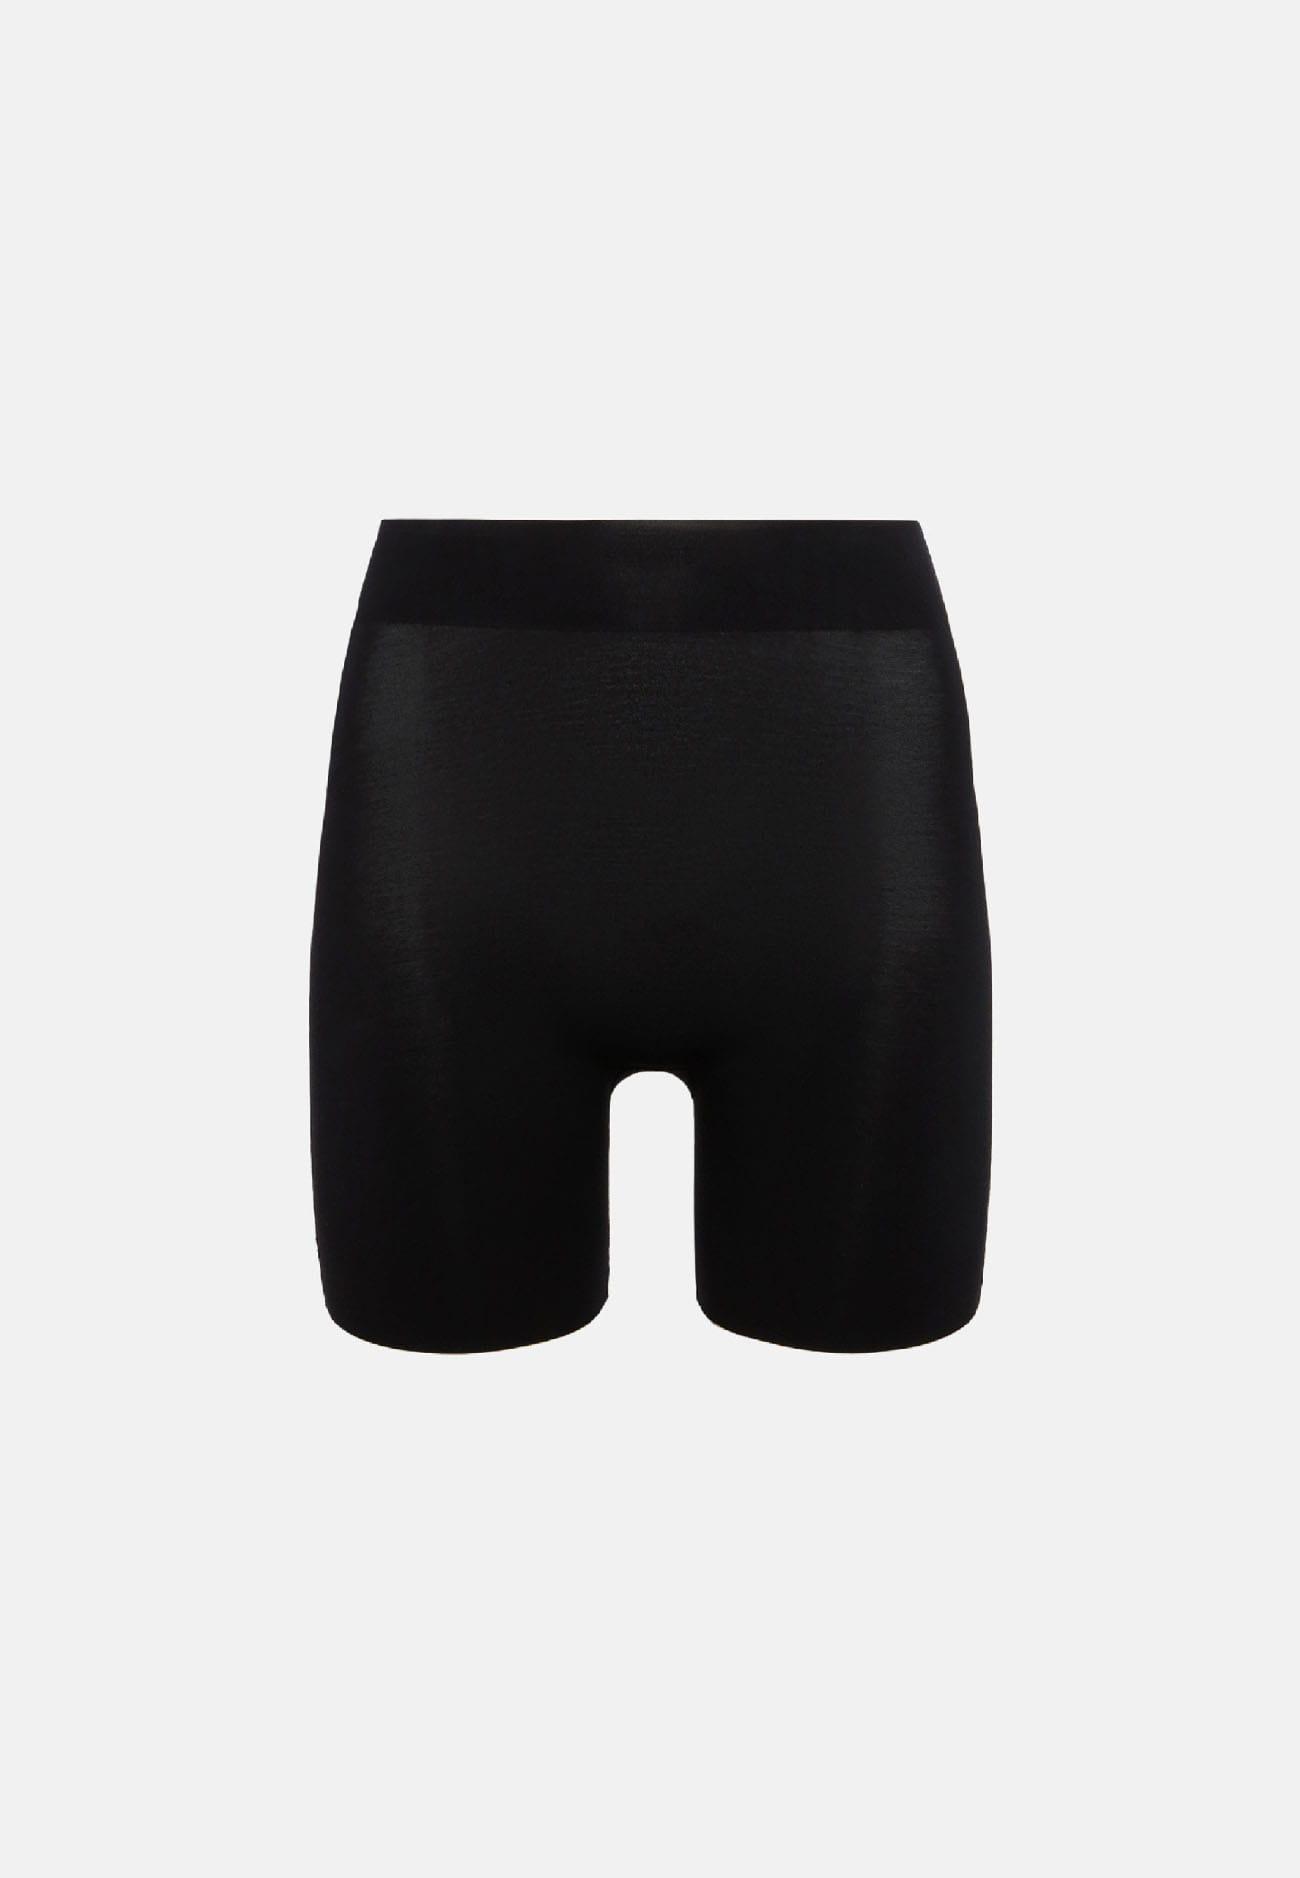 69708 Cotton Contour Control Shorts